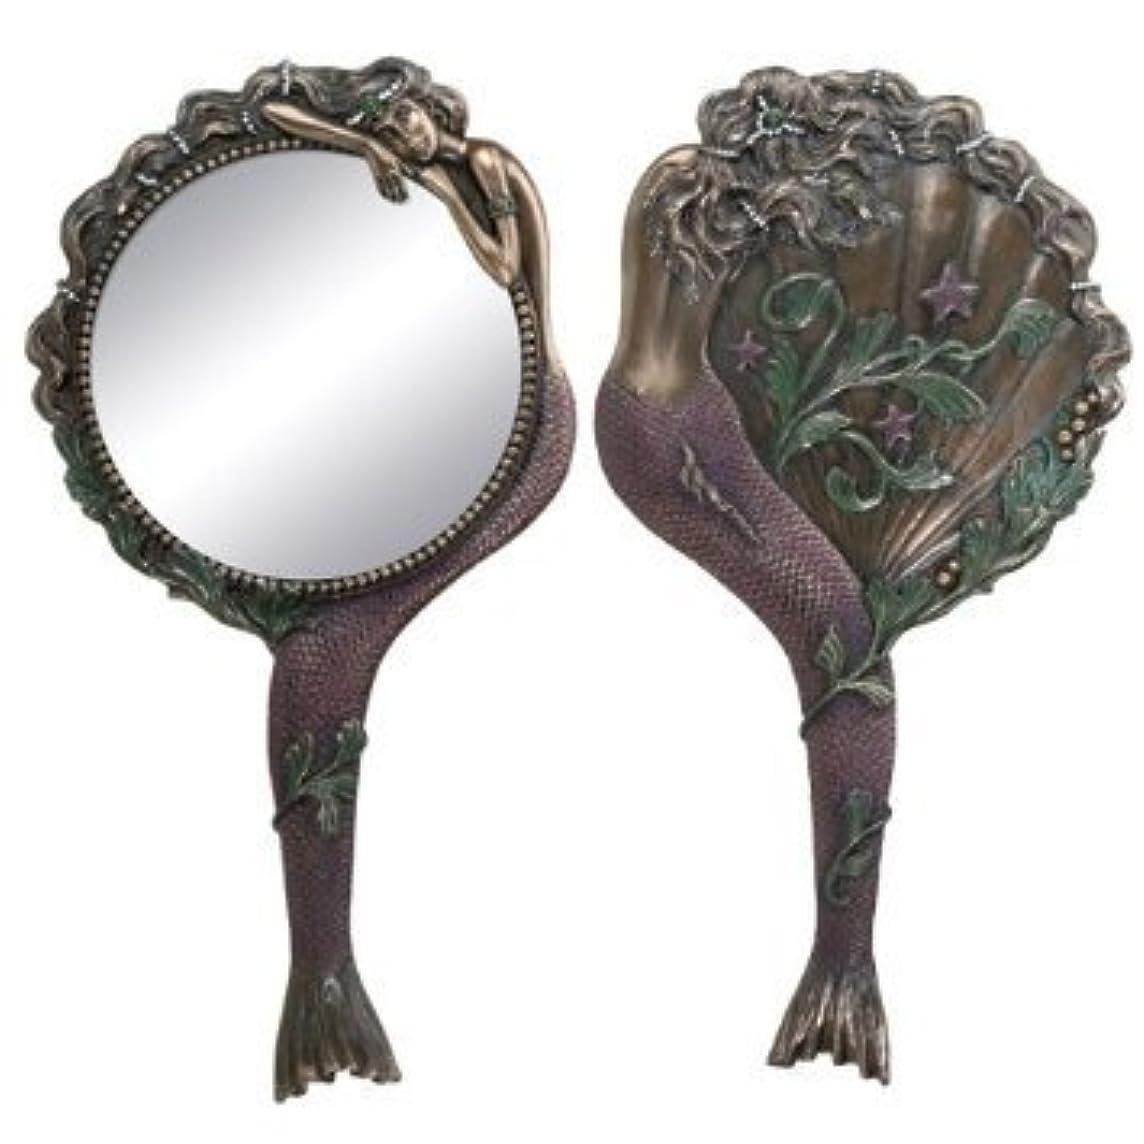 小切手遠洋の舌なArt Nouveau Collectible Mermaid Hand Mirror Nymph Decoration by Summit